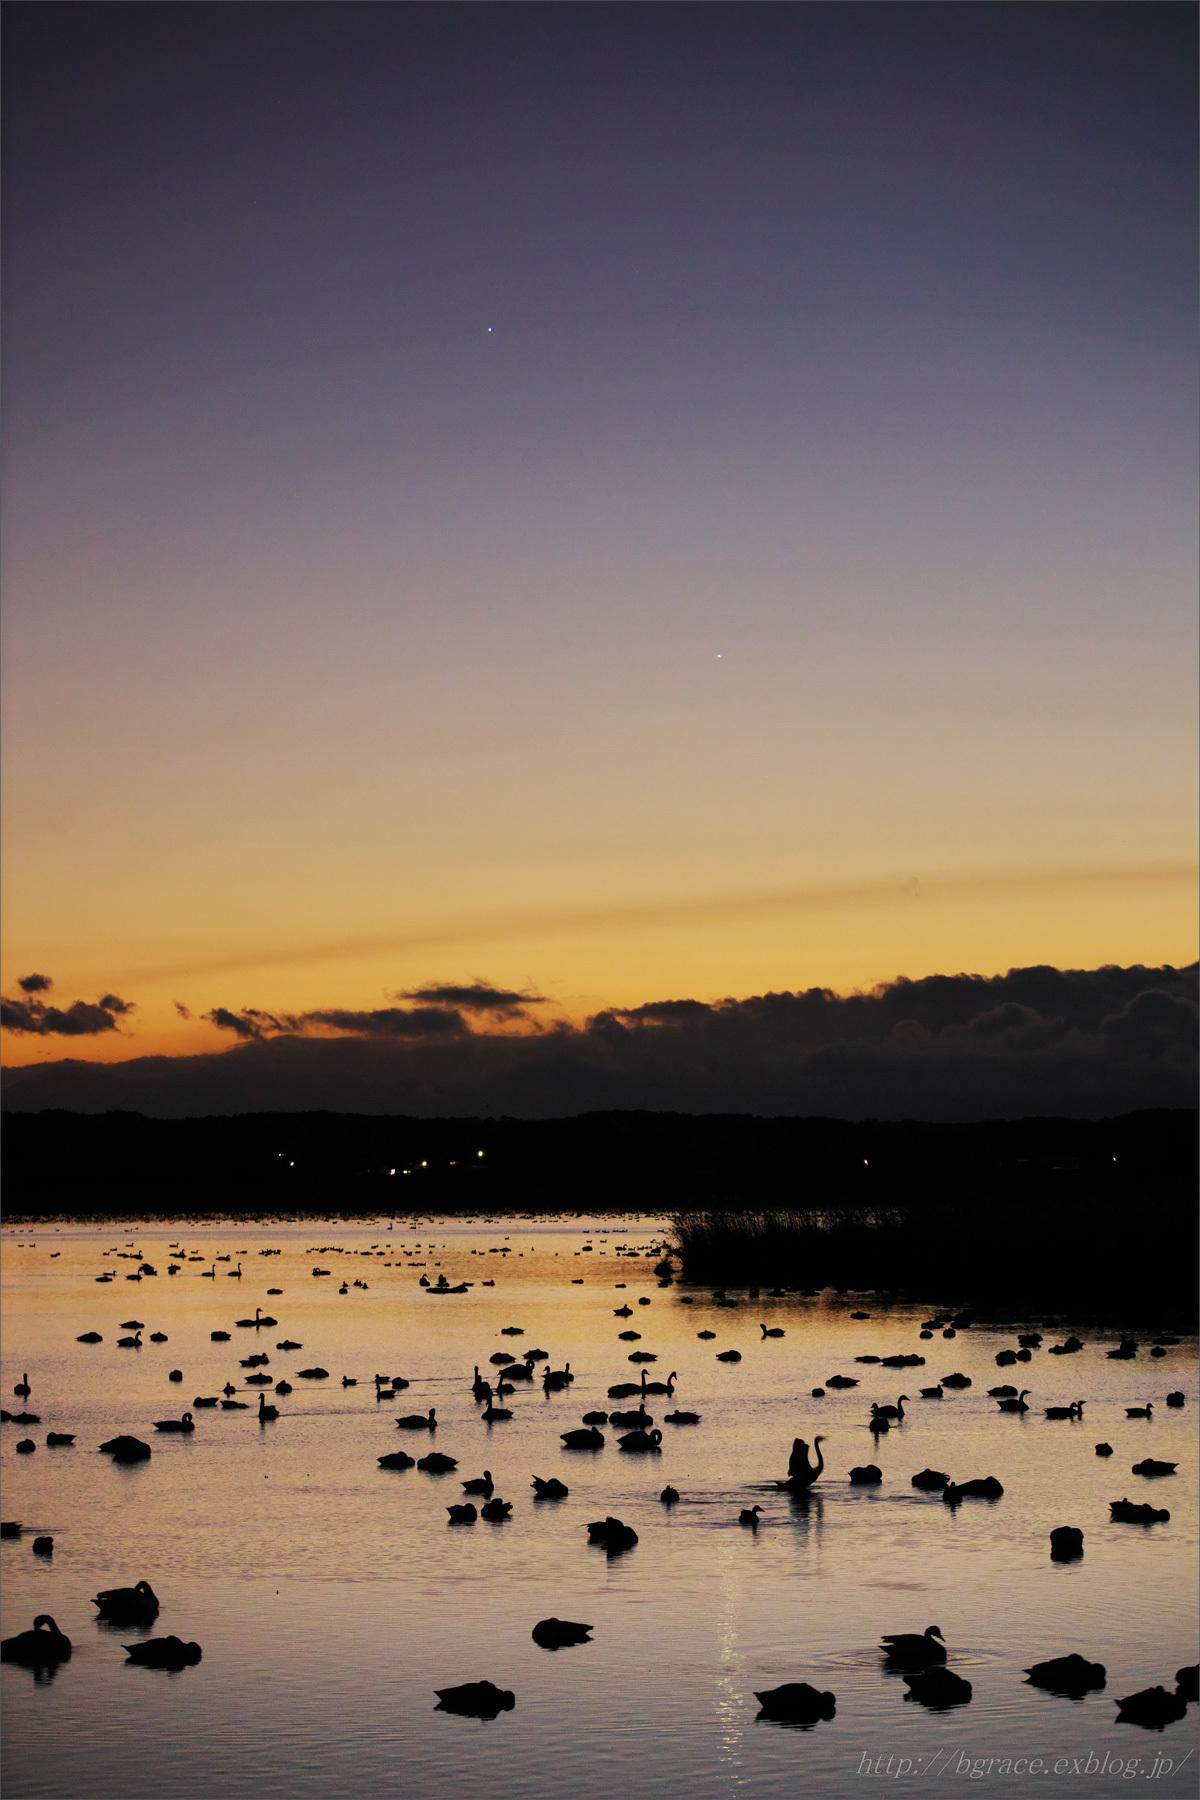 夕暮れの伊豆沼 金星と木星_b0191074_19504974.jpg